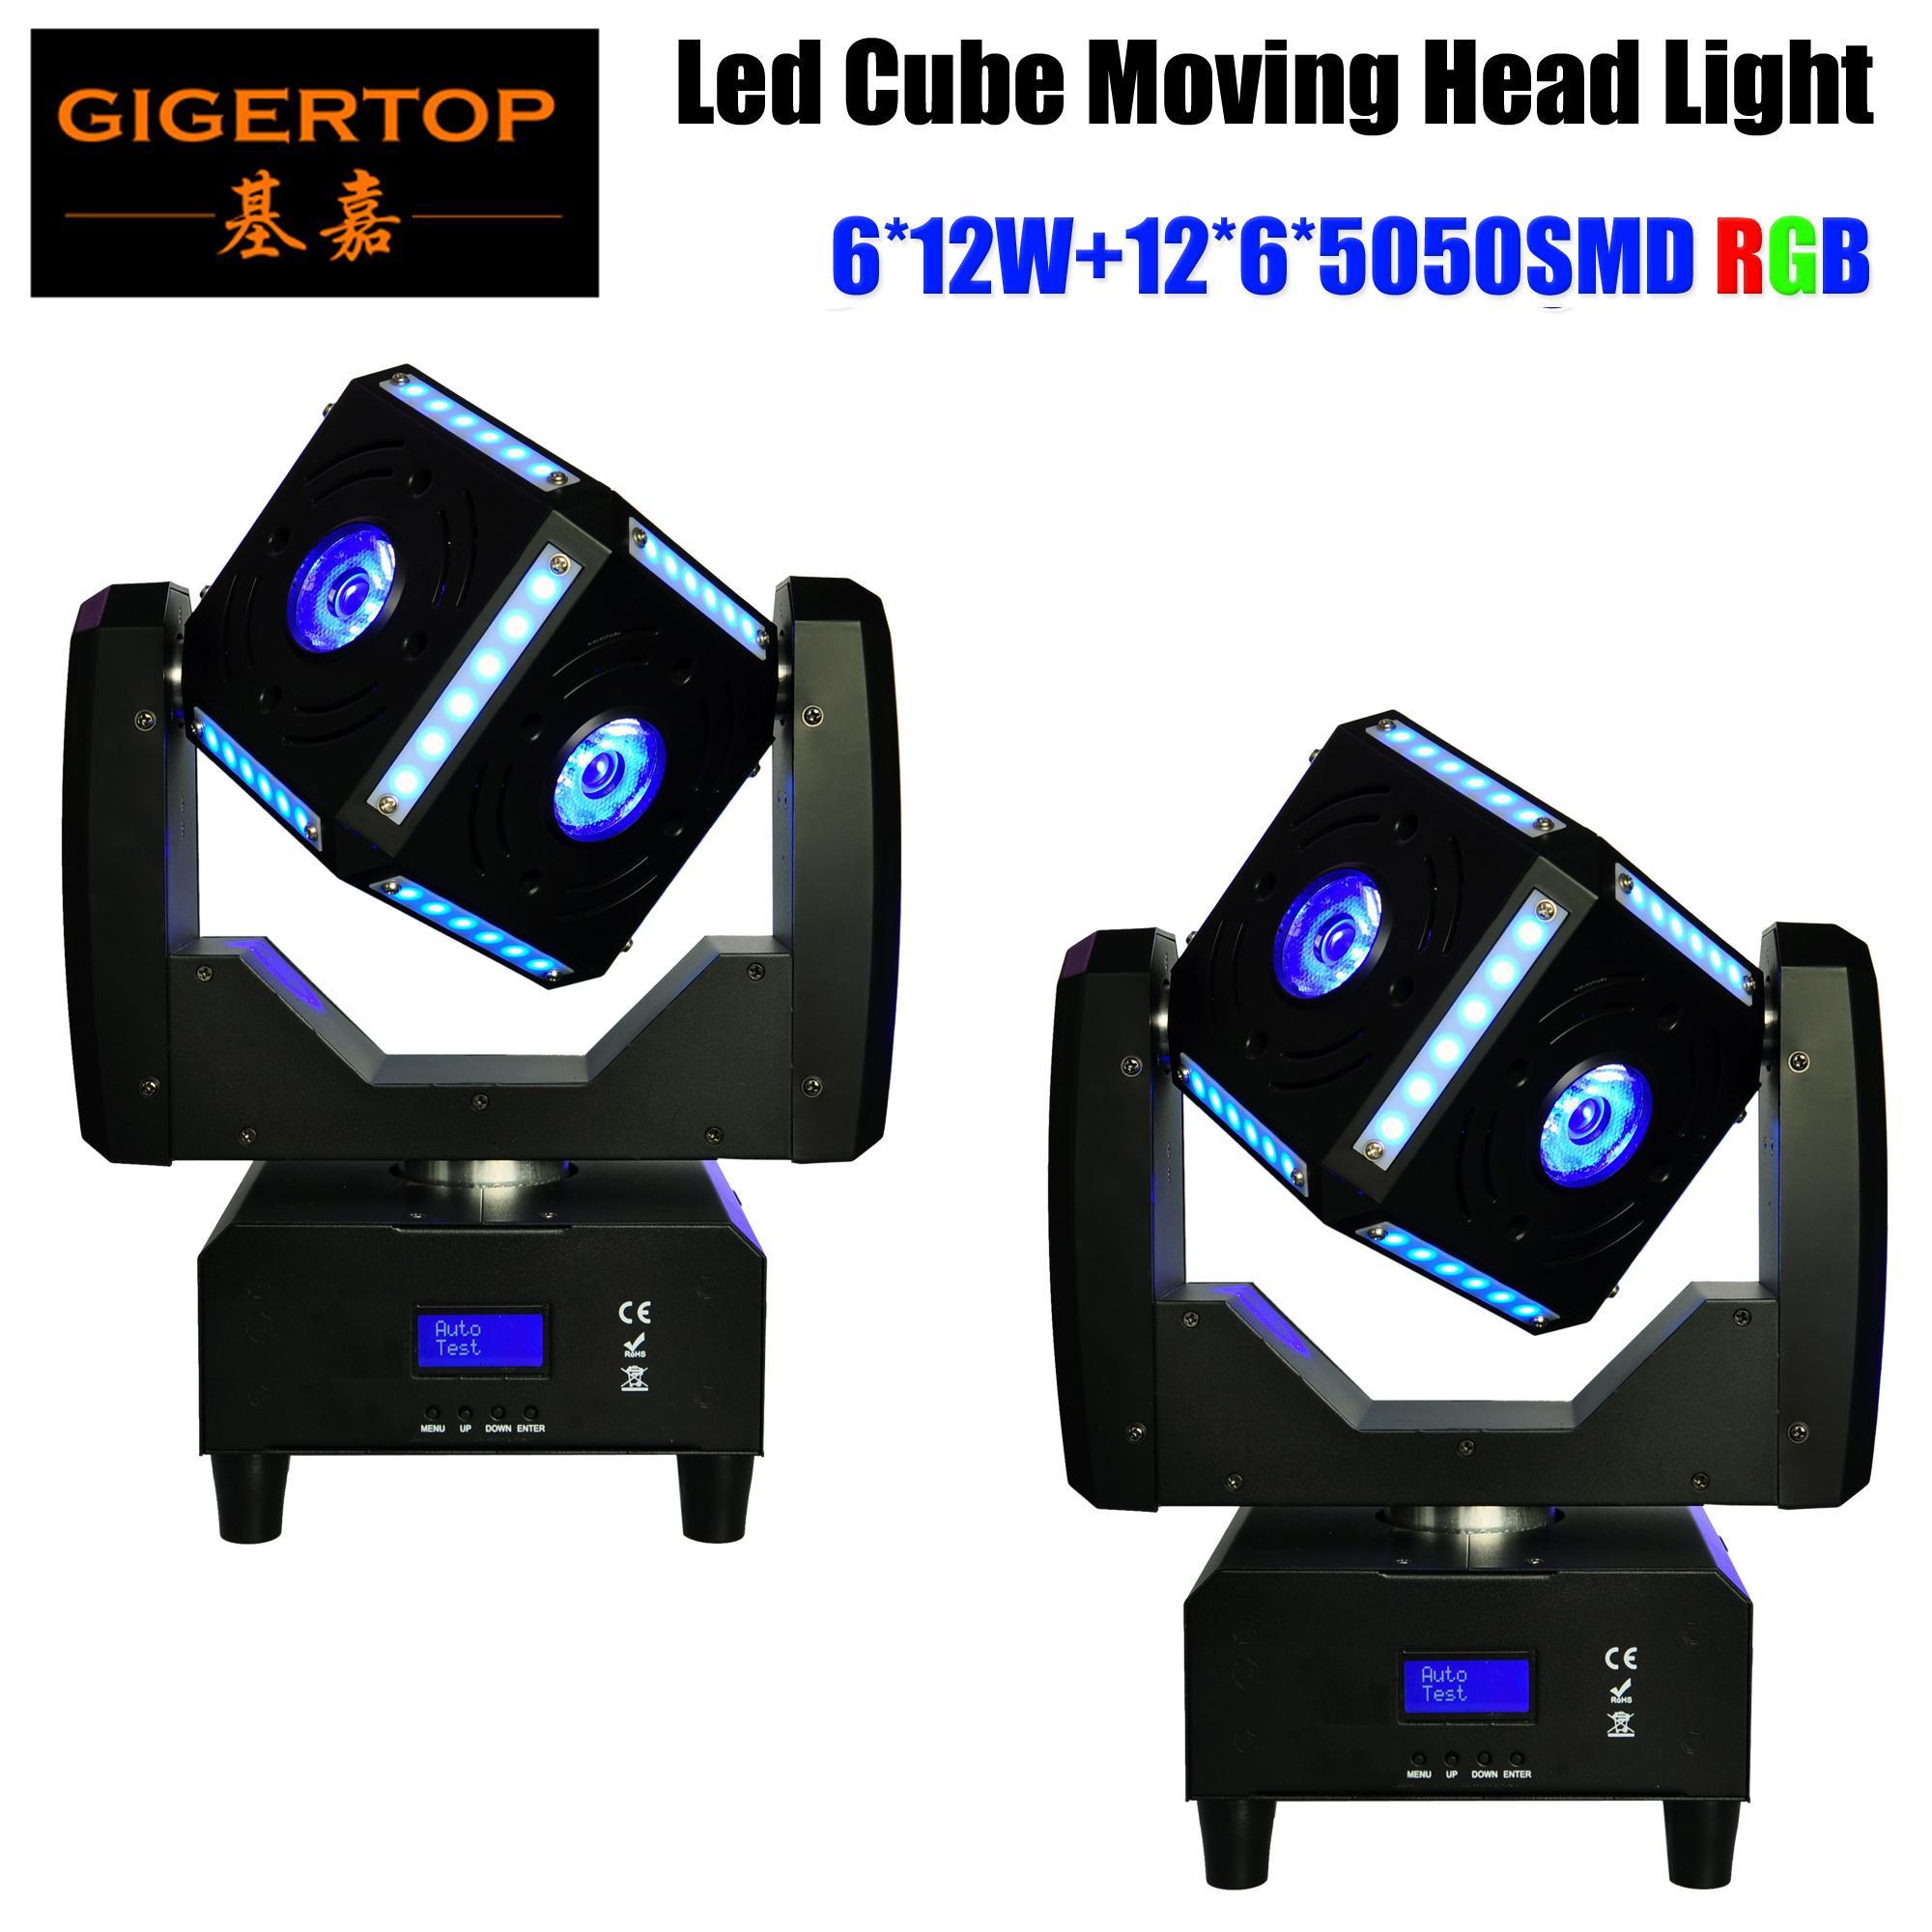 2XLot голодает корабль 6X12W RGBW Quad Color Полоска Cube LED Moving фарах 8 градусов Угол луча Профессиональных сценических шоу оборудования